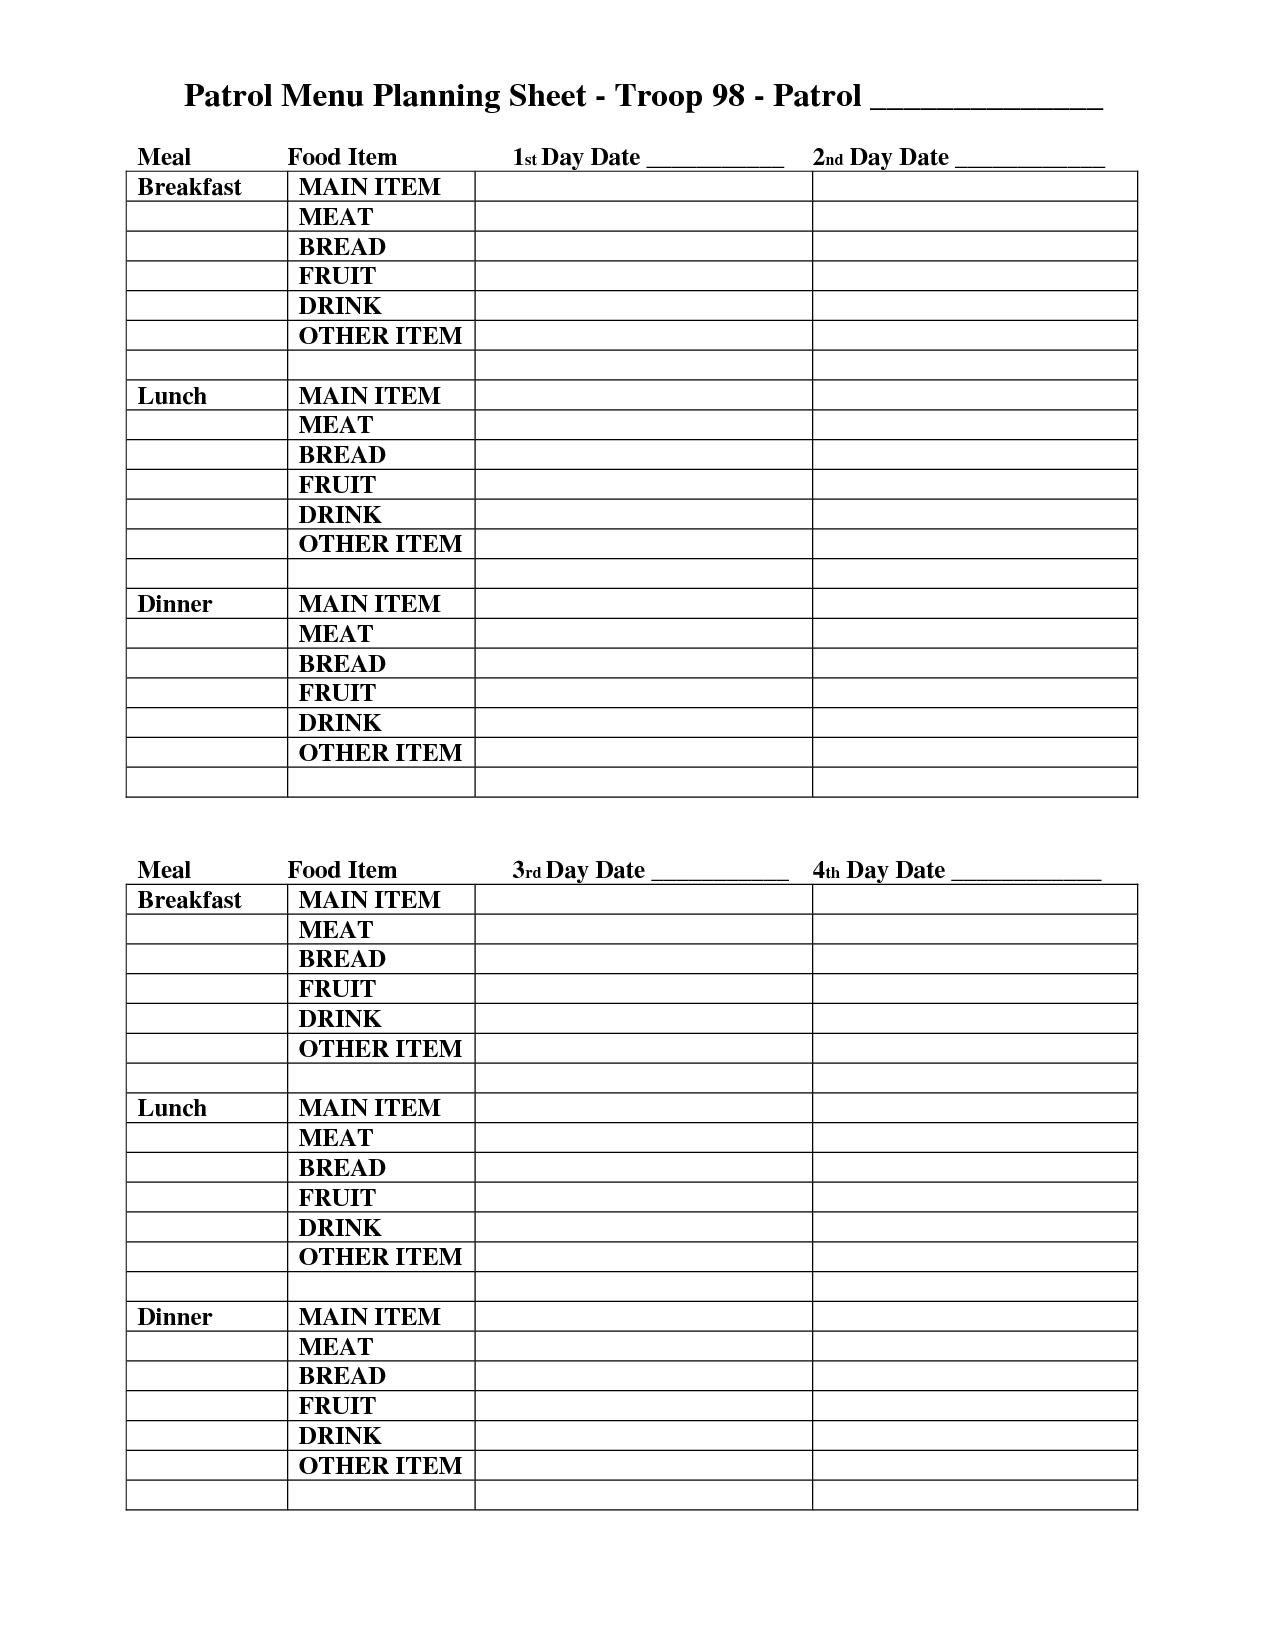 Camping Planning Worksheet